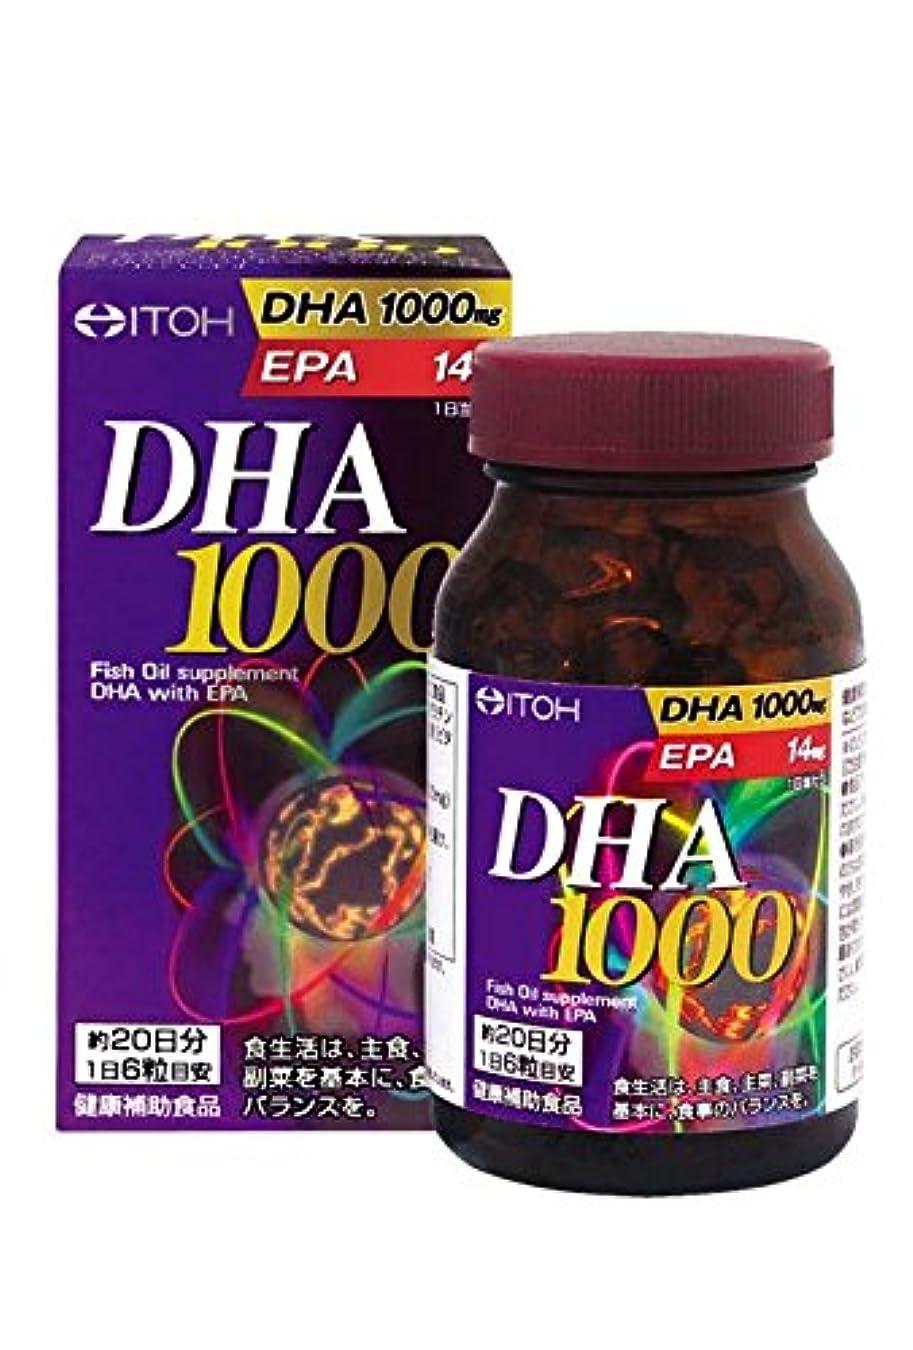 思想ライム夕食を食べる井藤漢方製薬 DHA1000 約20日分 300mg×120粒×40本/ケース